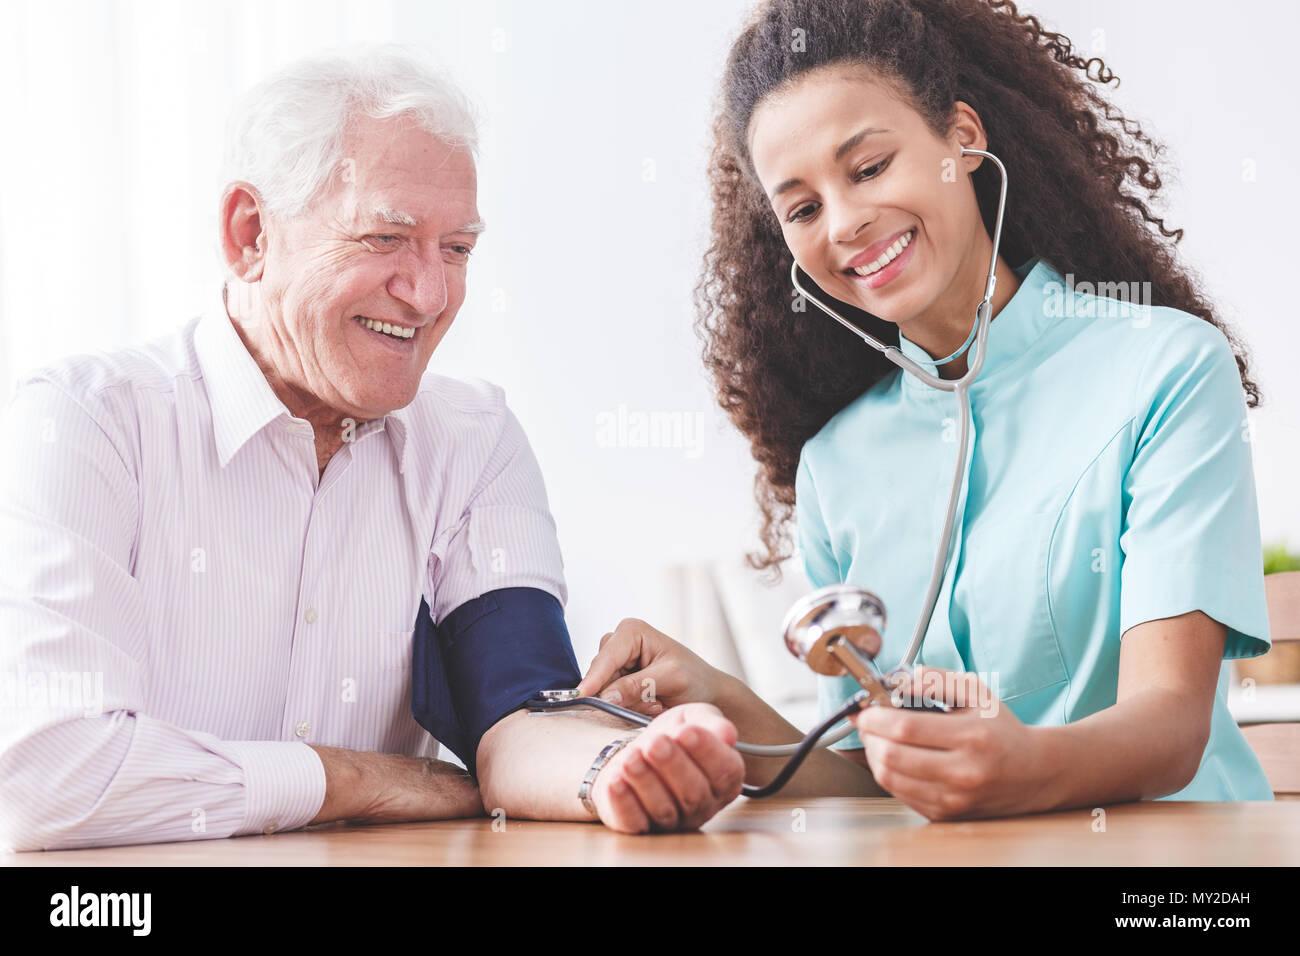 Jeune infirmière la mesure de la pression artérielle d'un vieil homme heureux à l'hôpital. Le concept de rétablissement réussi Banque D'Images